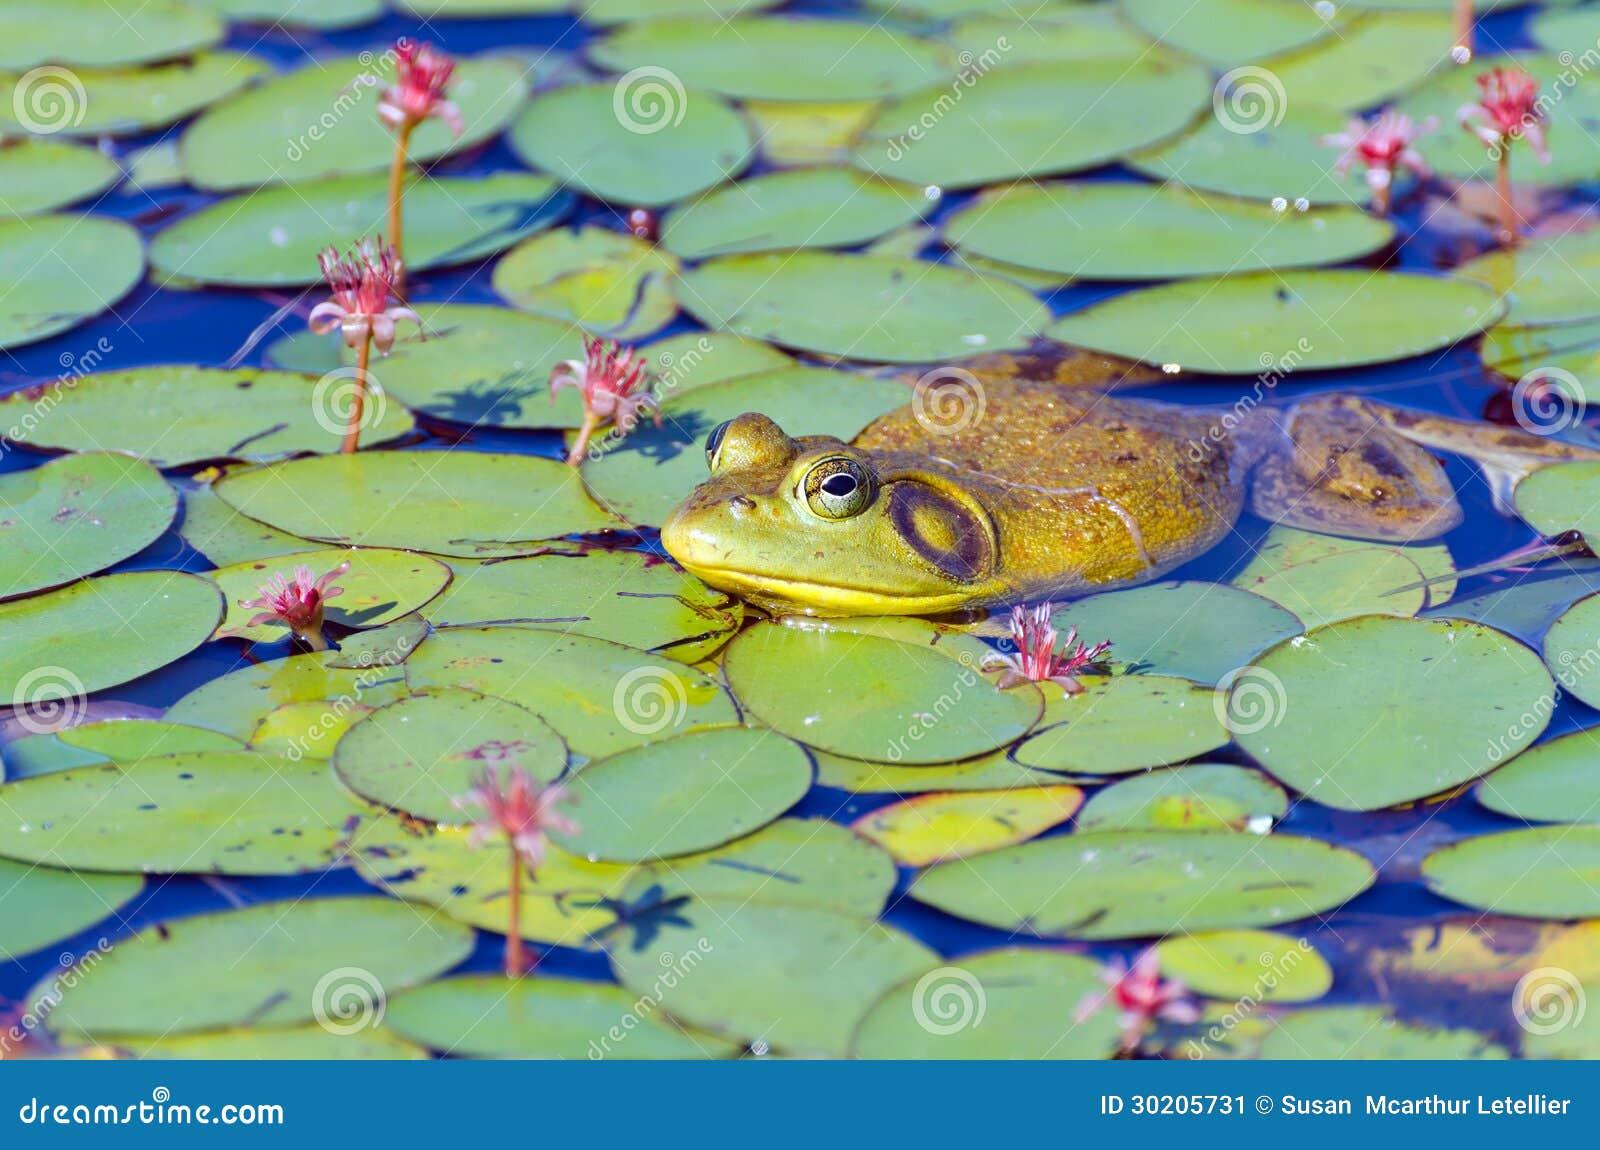 牛蛙特写镜头在睡莲叶的